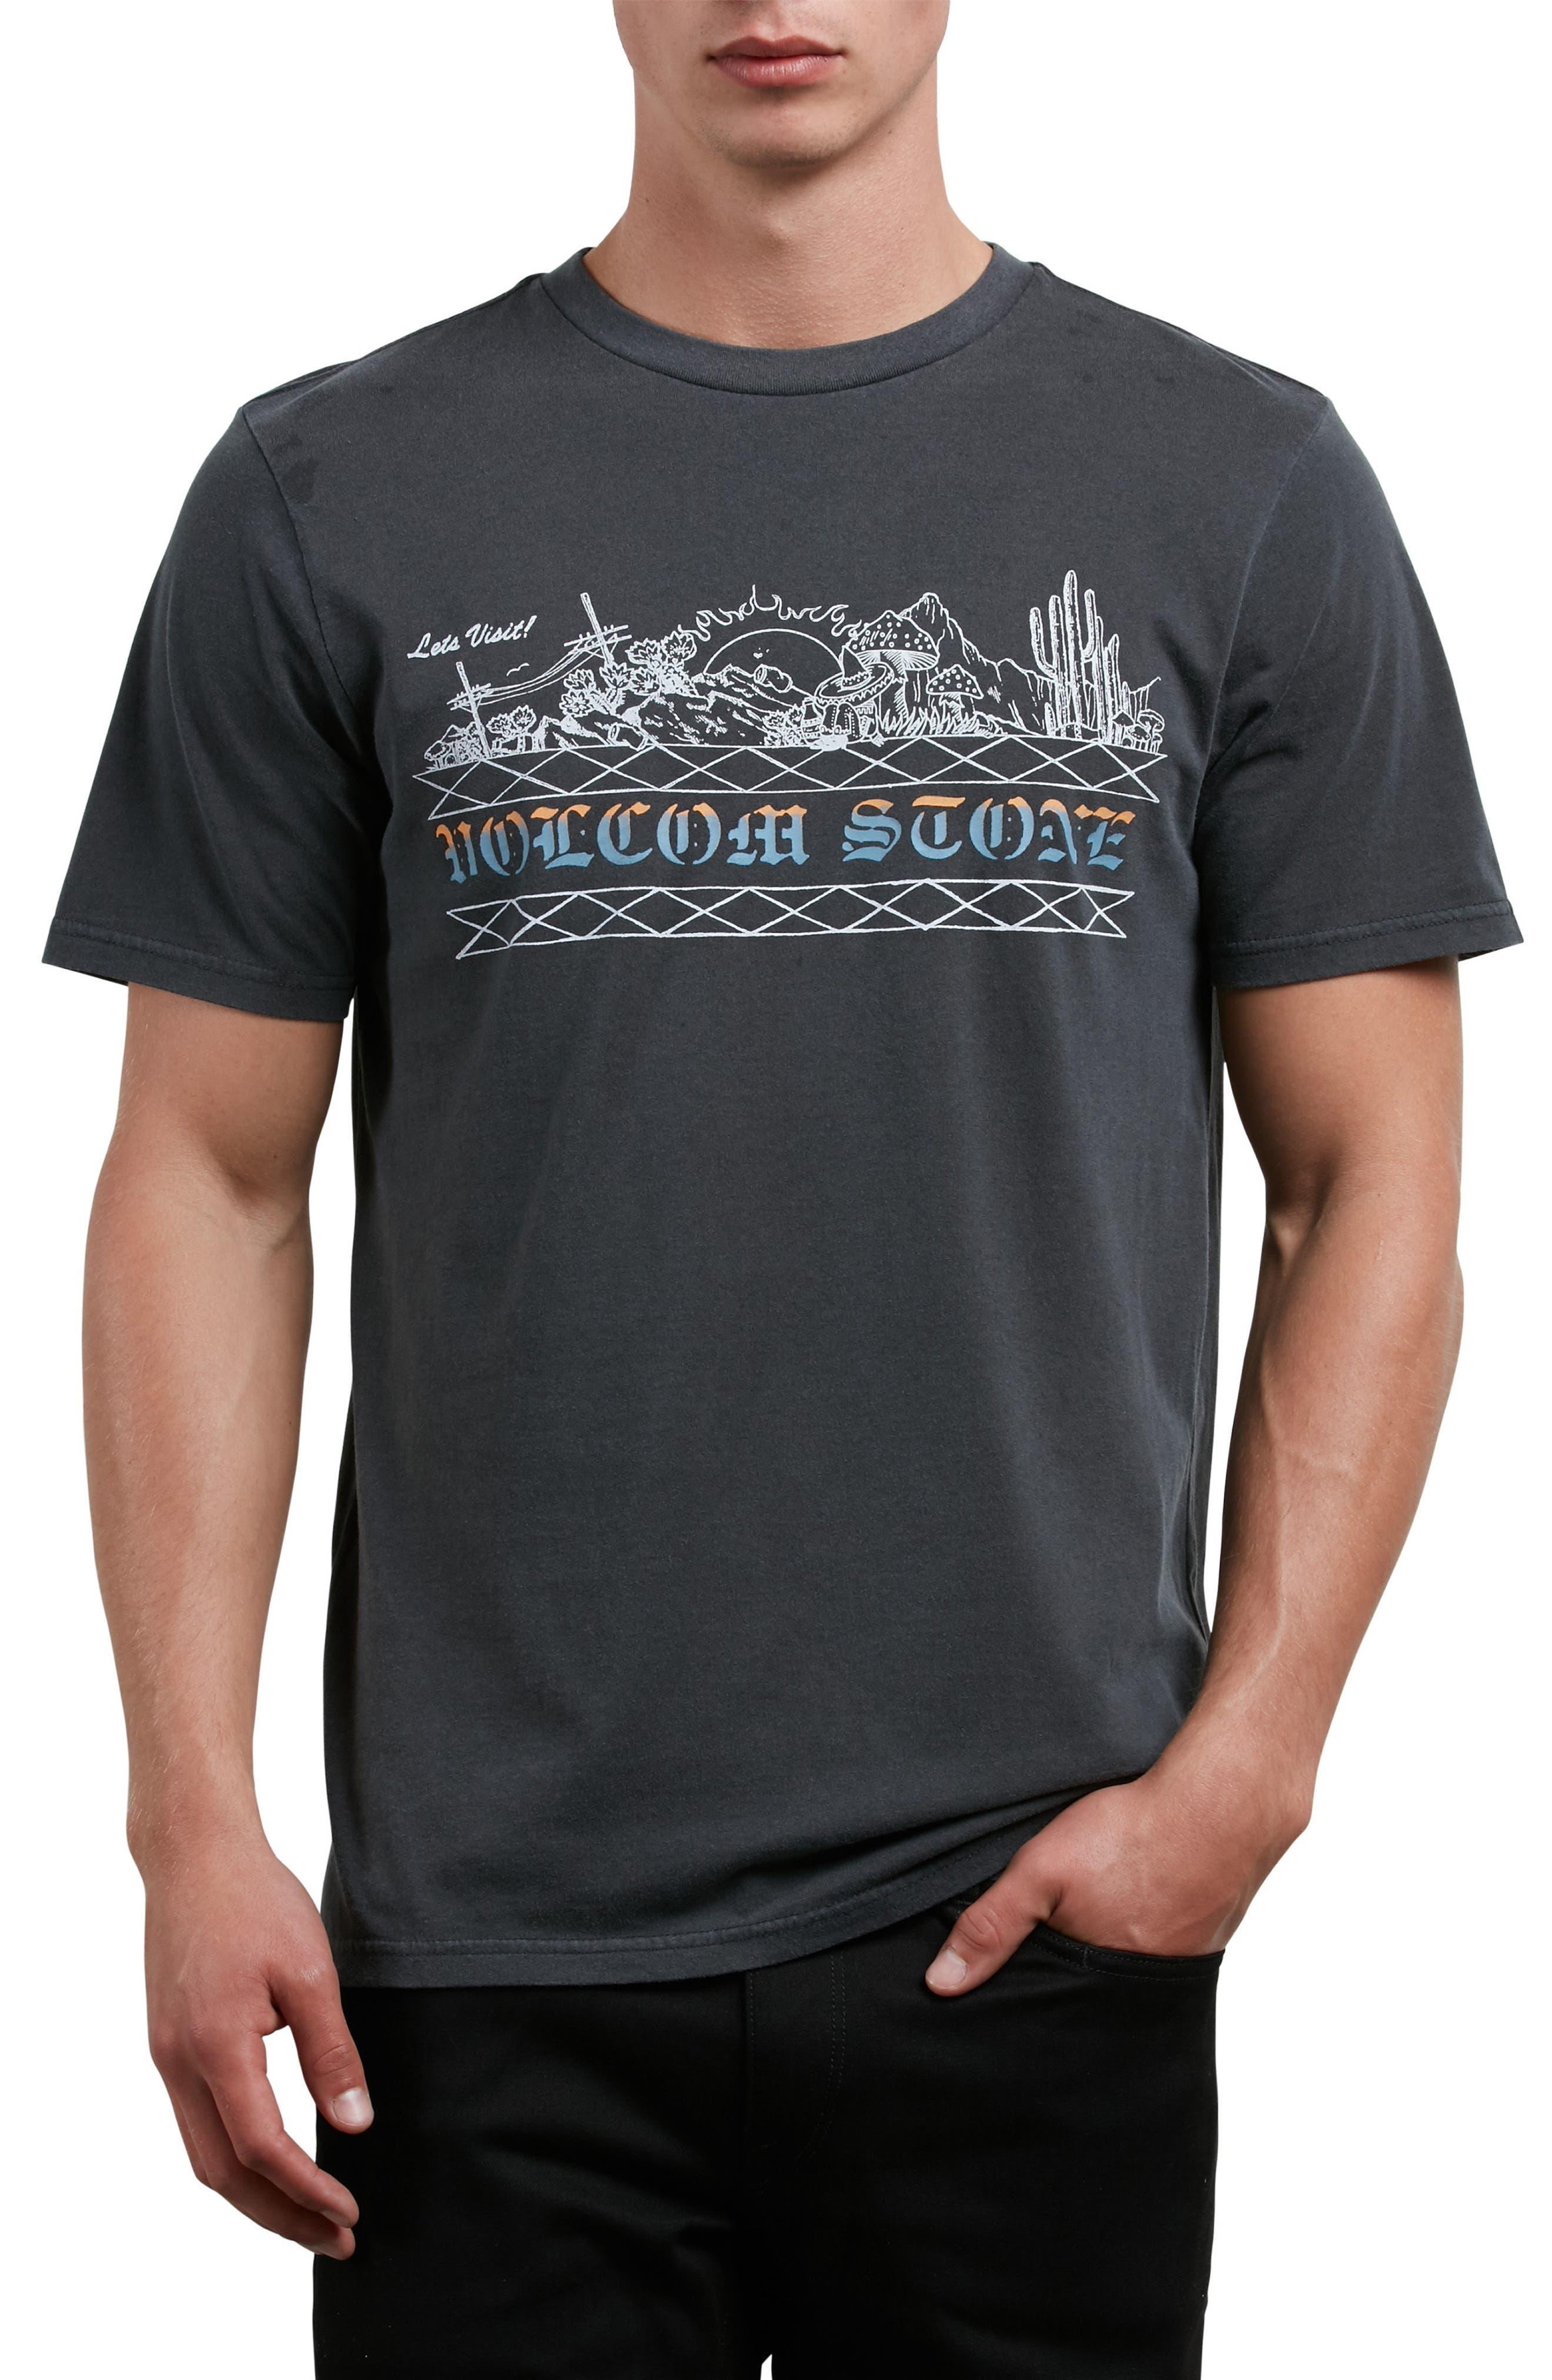 Let's Visit Graphic T-Shirt,                             Main thumbnail 1, color,                             001